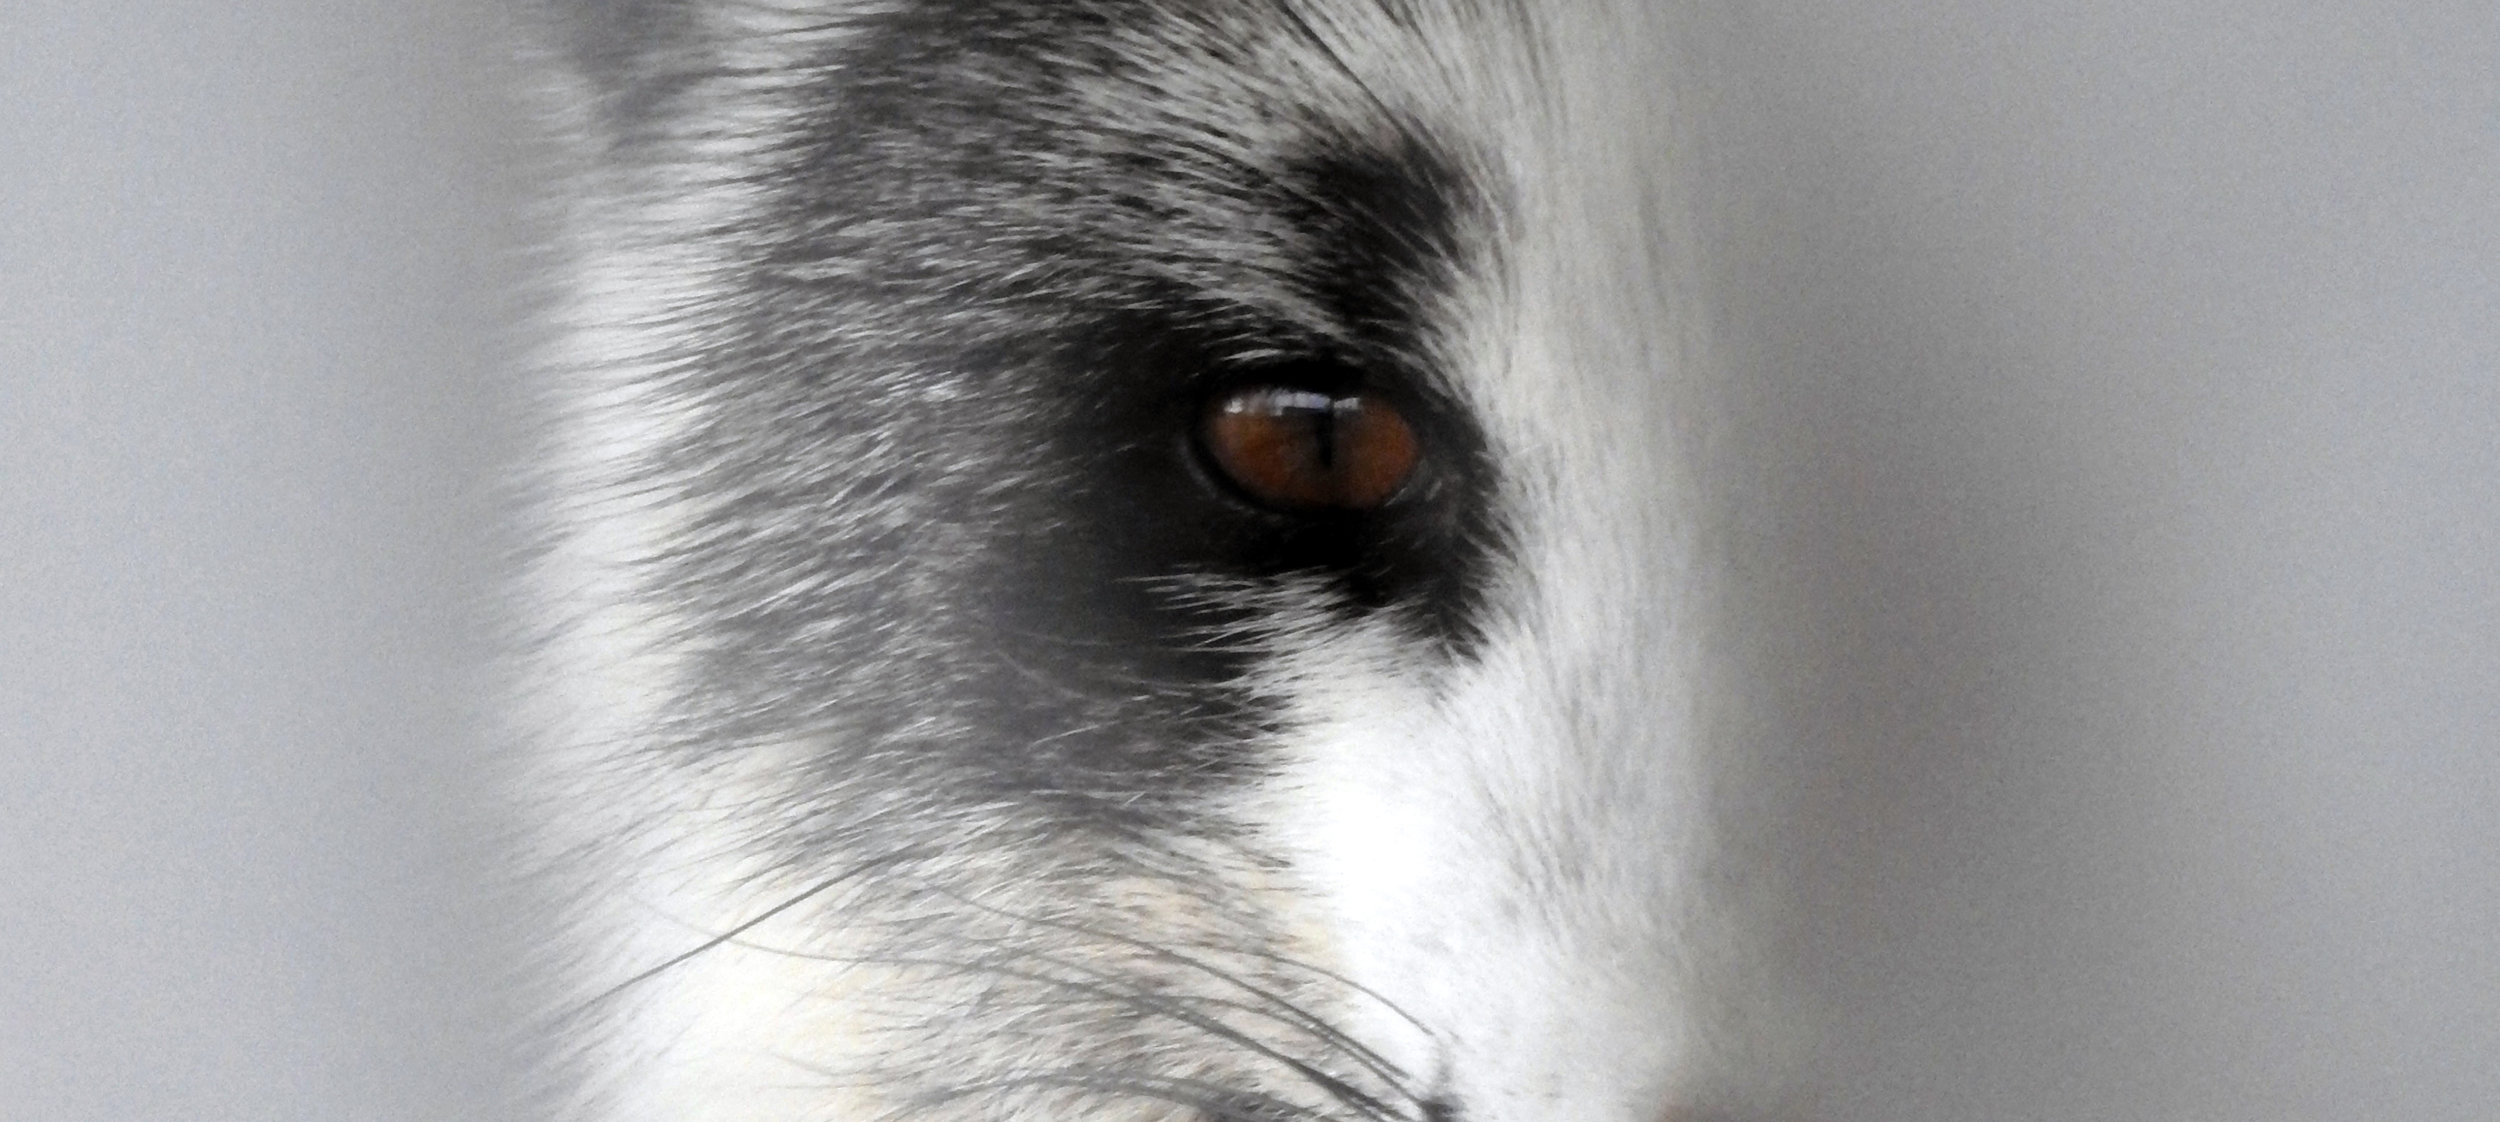 CR.fox that bit me-1.jpg